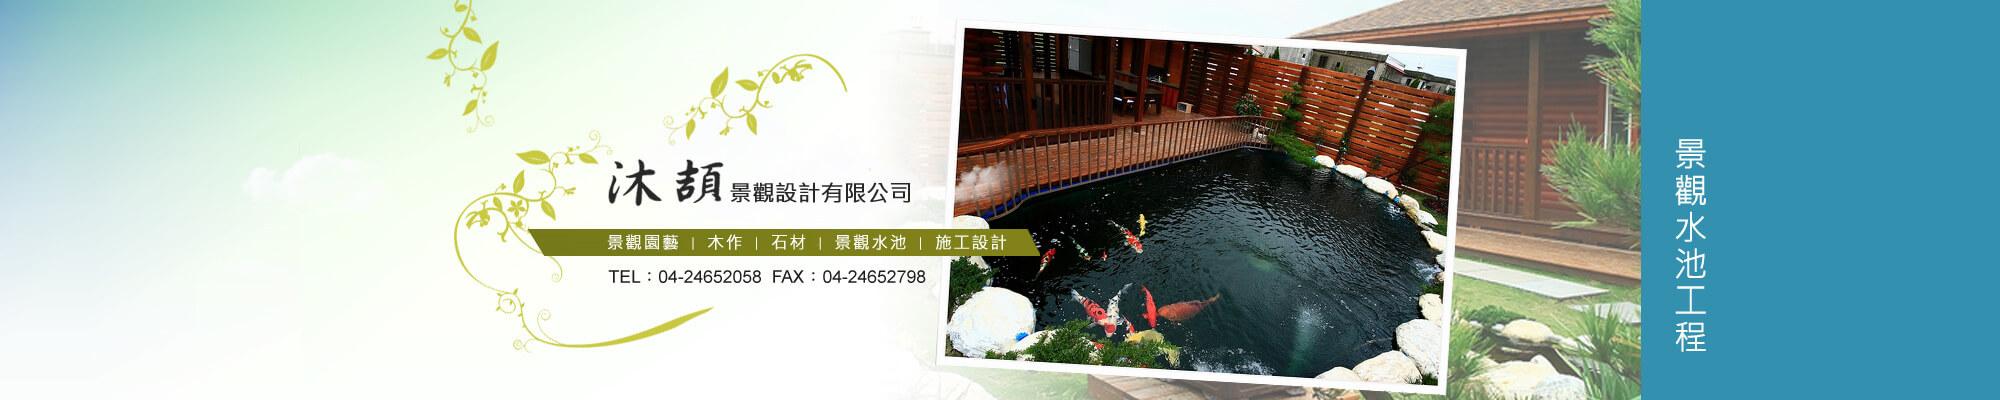 景觀水池,水池景觀,水景景觀 景觀水池 生態水池 湧泉 流水小景 小魚池 噴水池 魚池自動過濾系統